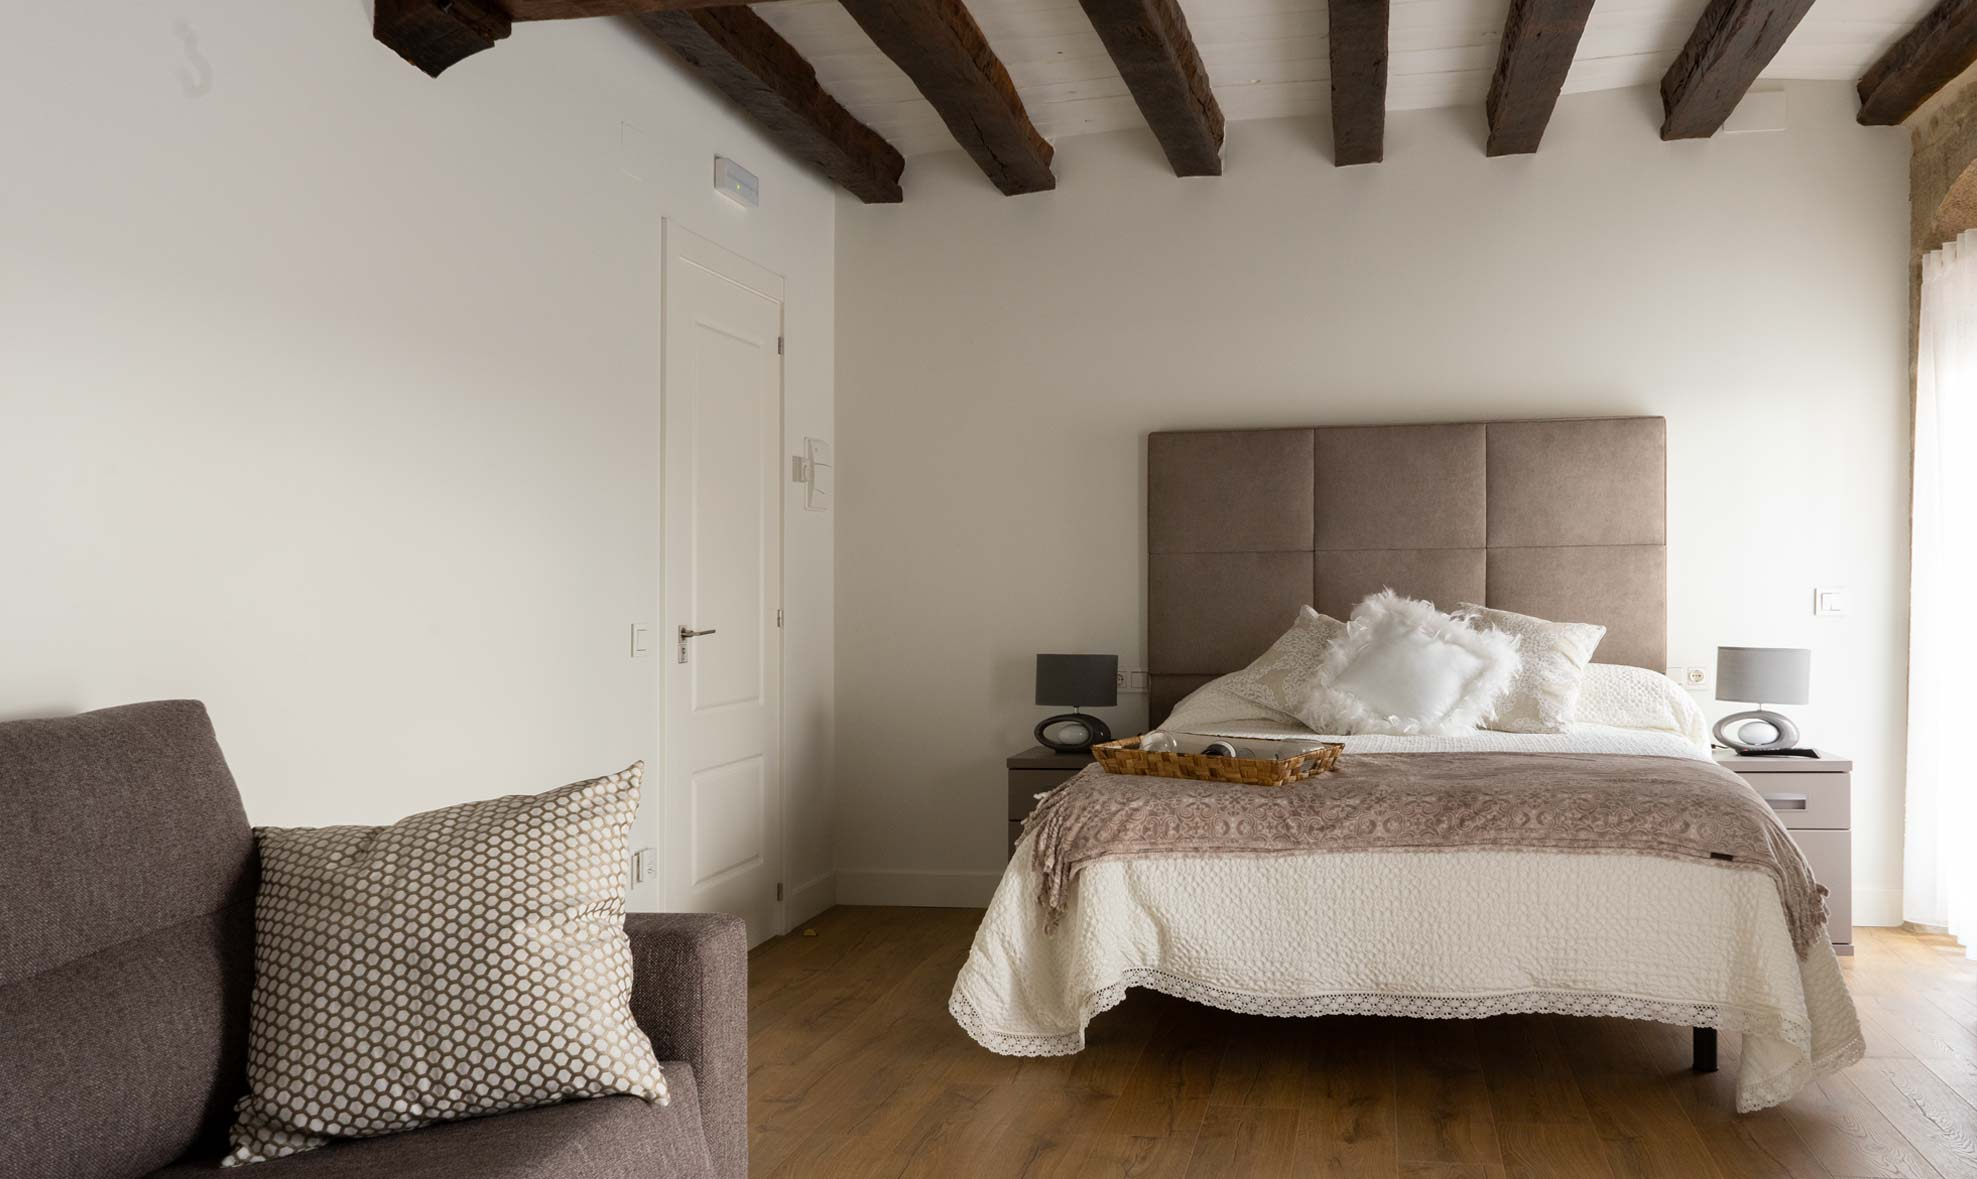 Habitación con cama para dos y sofá-cama para otras dos personas, situada en la primera planta de la casa rural.